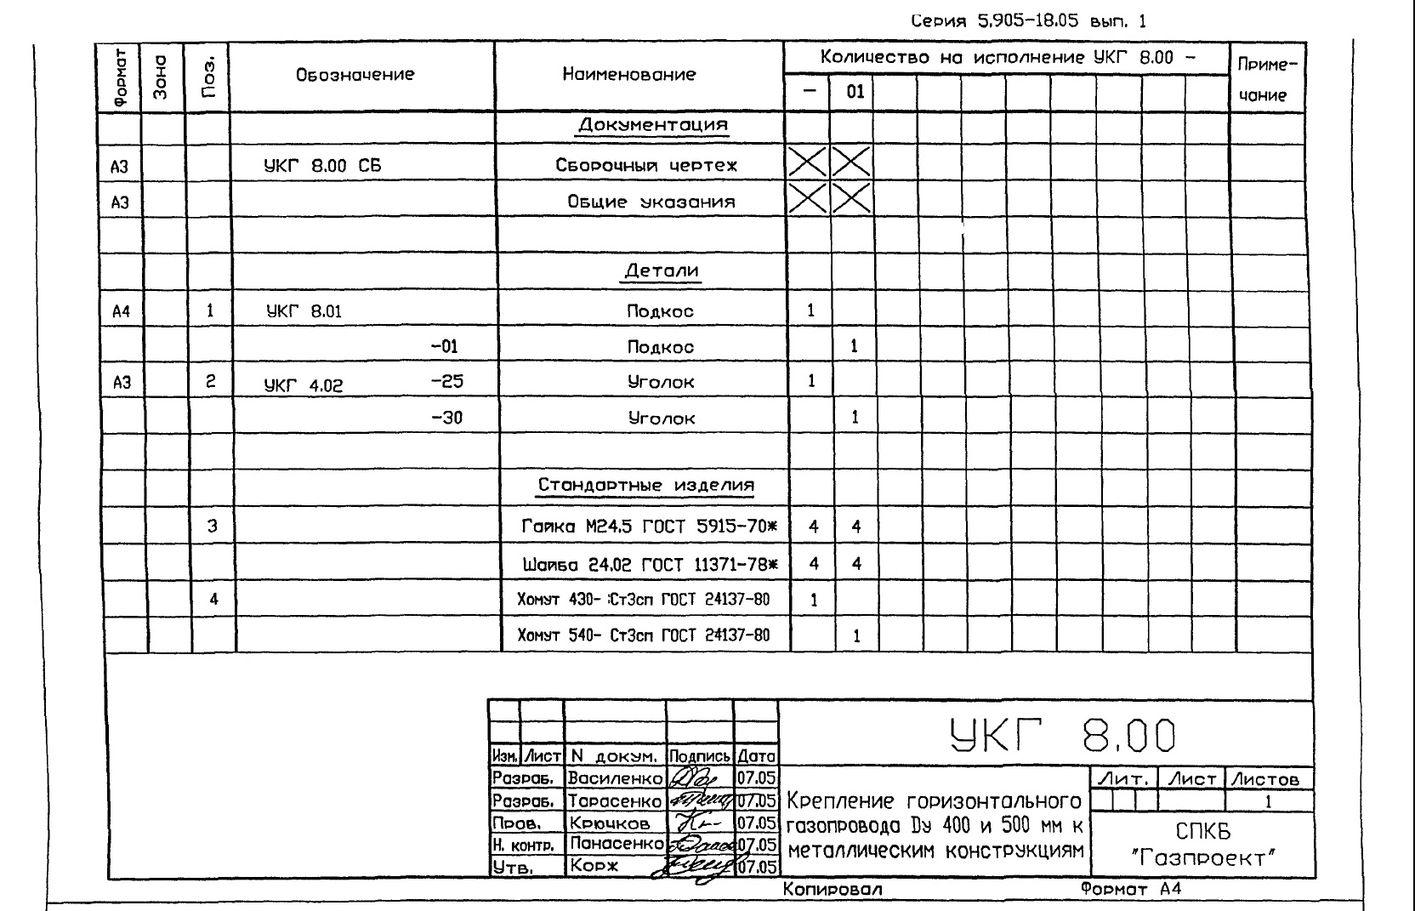 Крепление горизонтального газопровода Ду 400 и 500 мм к металлическим конструкциям УКГ 8.00 СБ серия 5.905-18.05 выпуск 1 стр.2